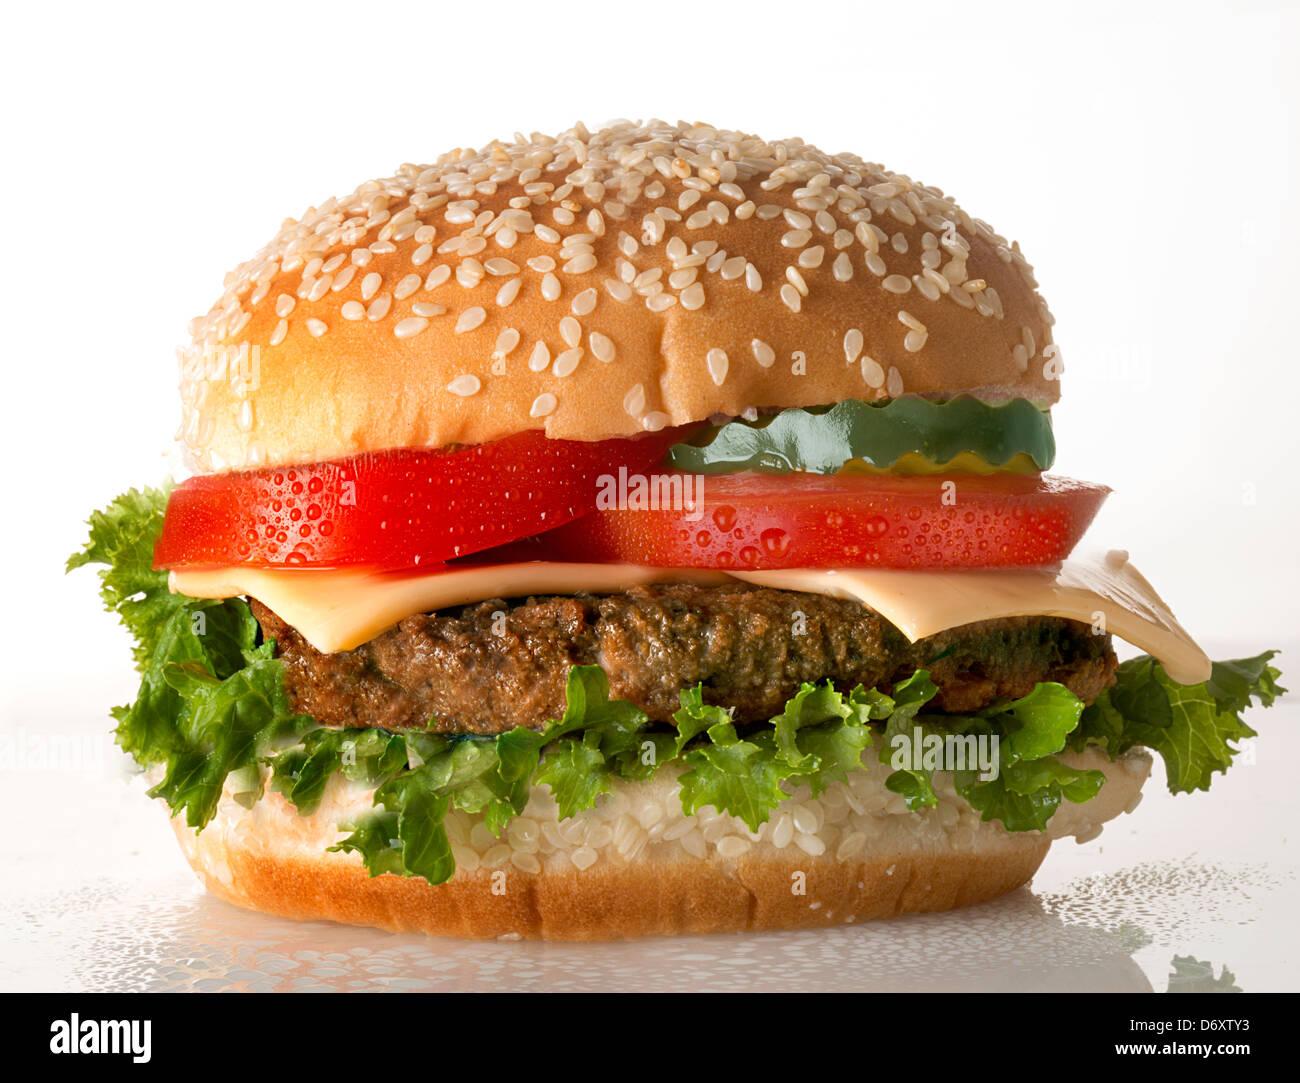 Cheeseburger com tomate Imagens de Stock